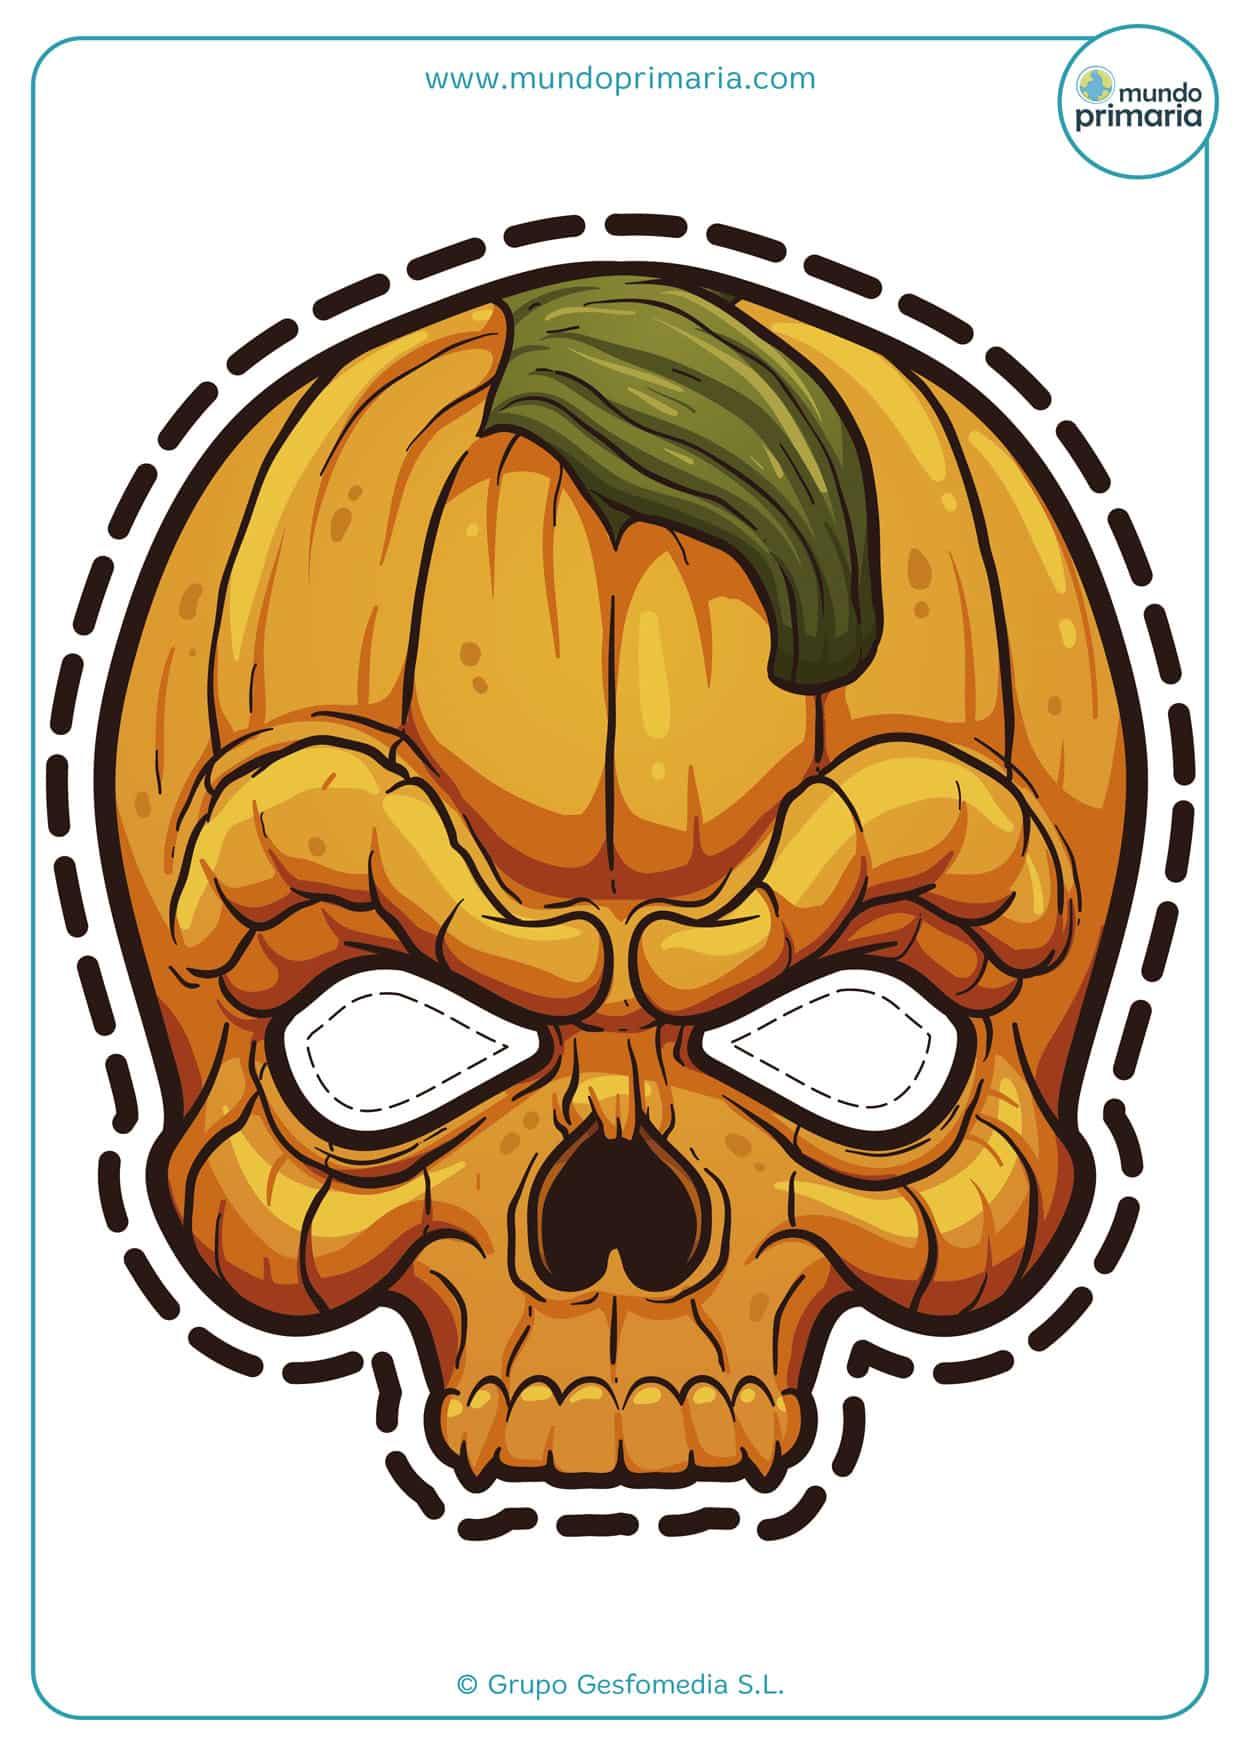 Terrorífica calabaza para Halloween de muerte.